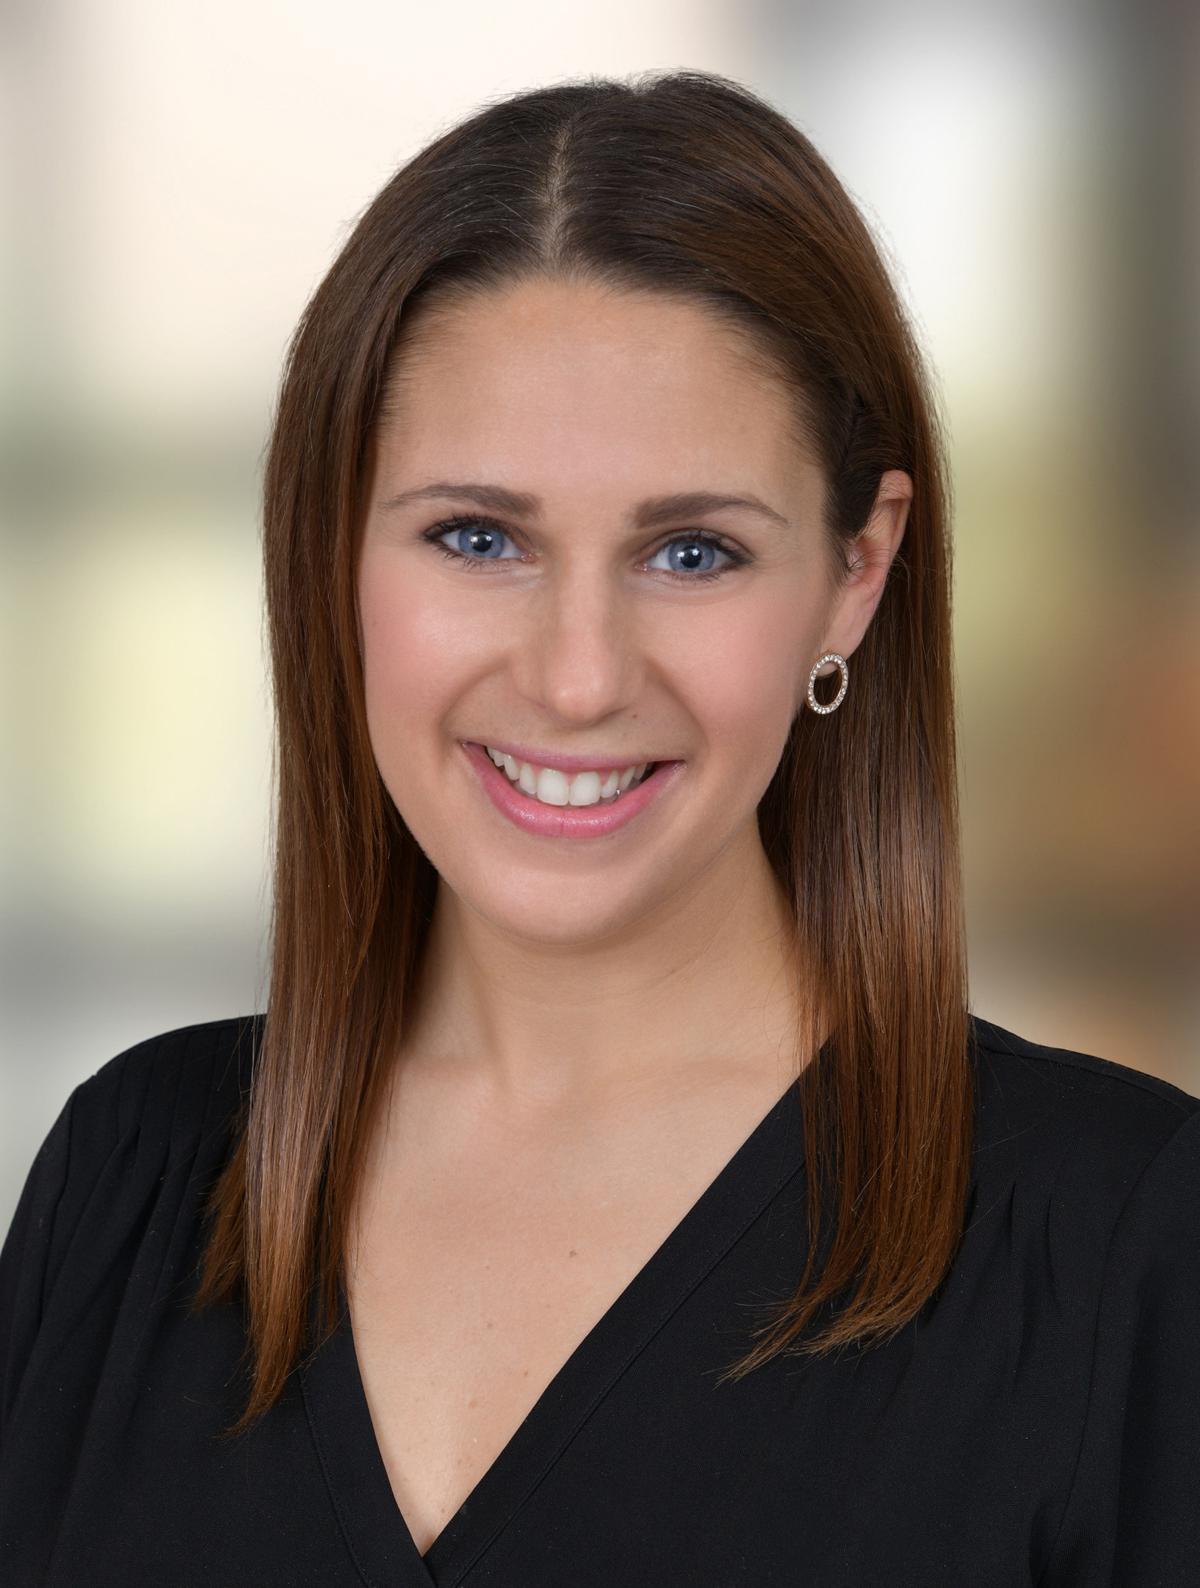 Danielle Hilliker